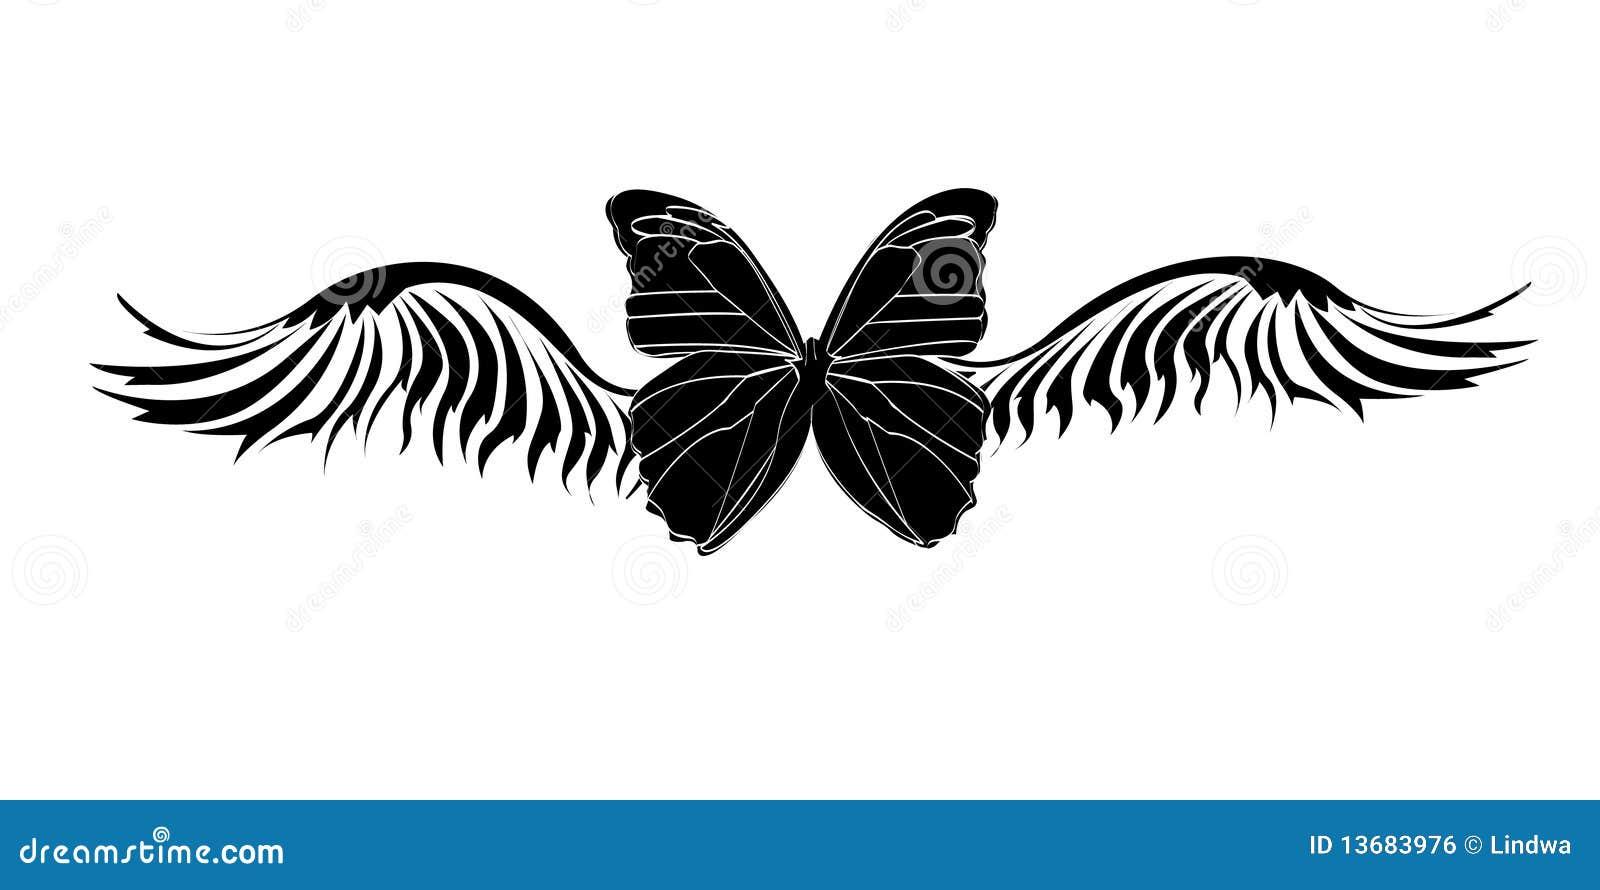 Tribal-Tattoos tribal-butterfly-tattoo-13683976